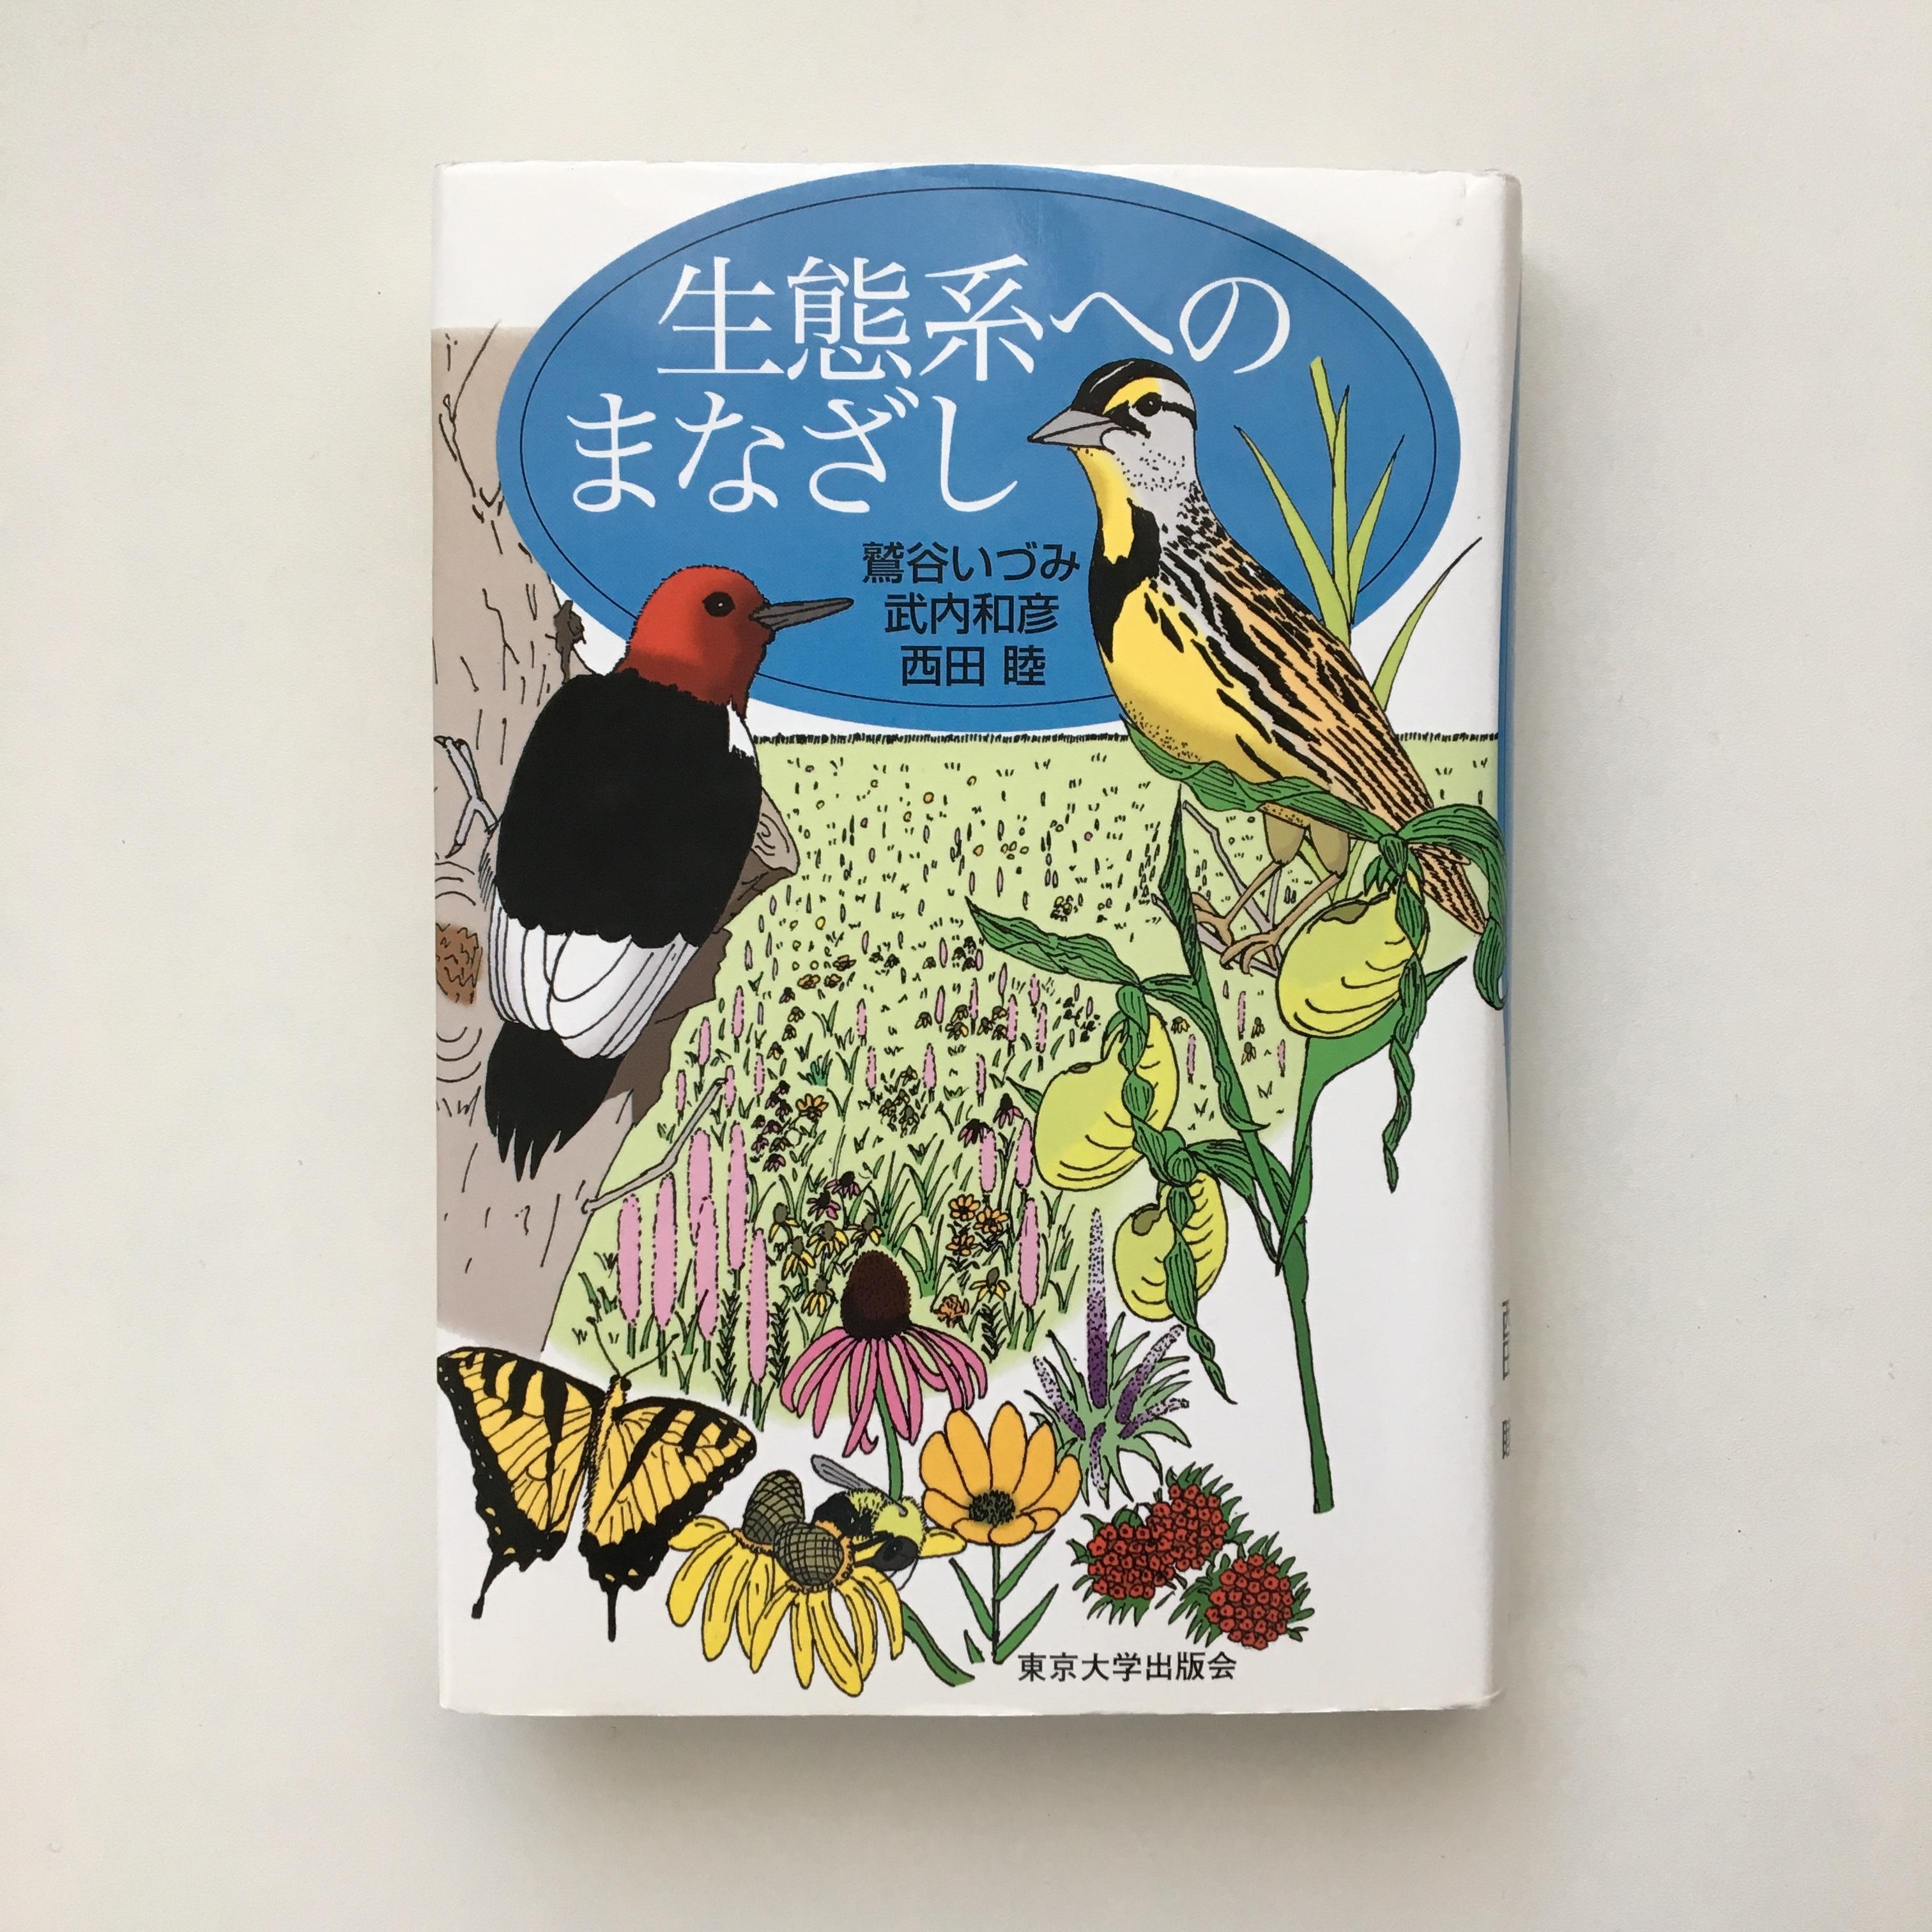 生態系へのまなざしを読んだ感想